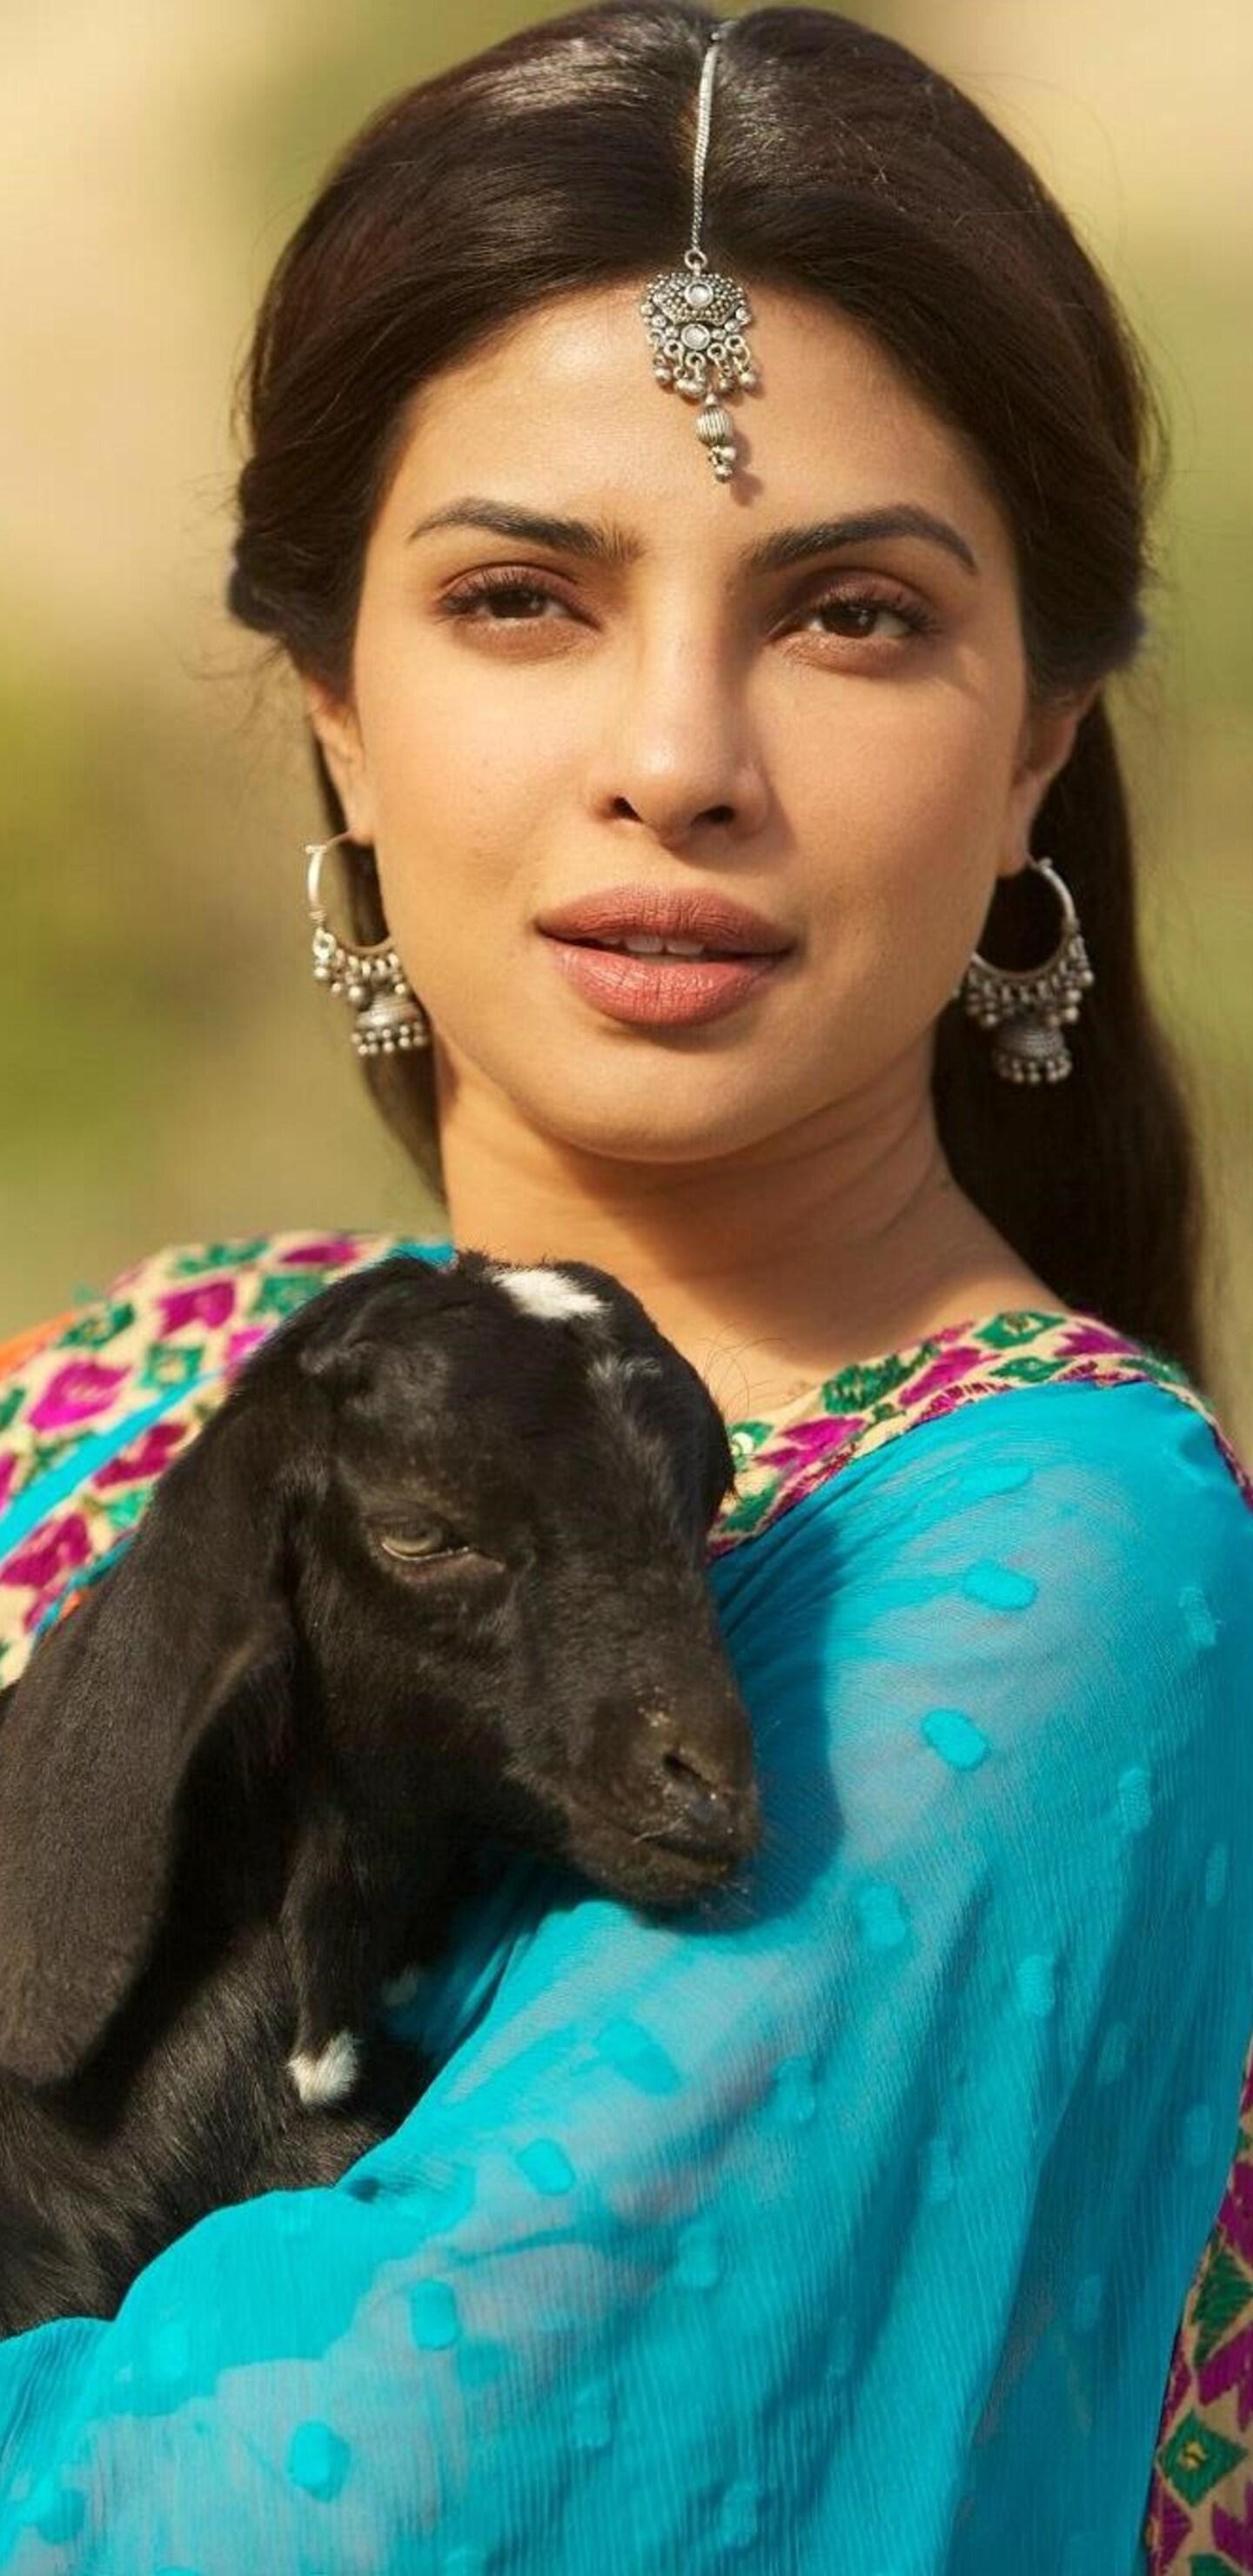 priyanka-chopra-desi-girl-qhd.jpg